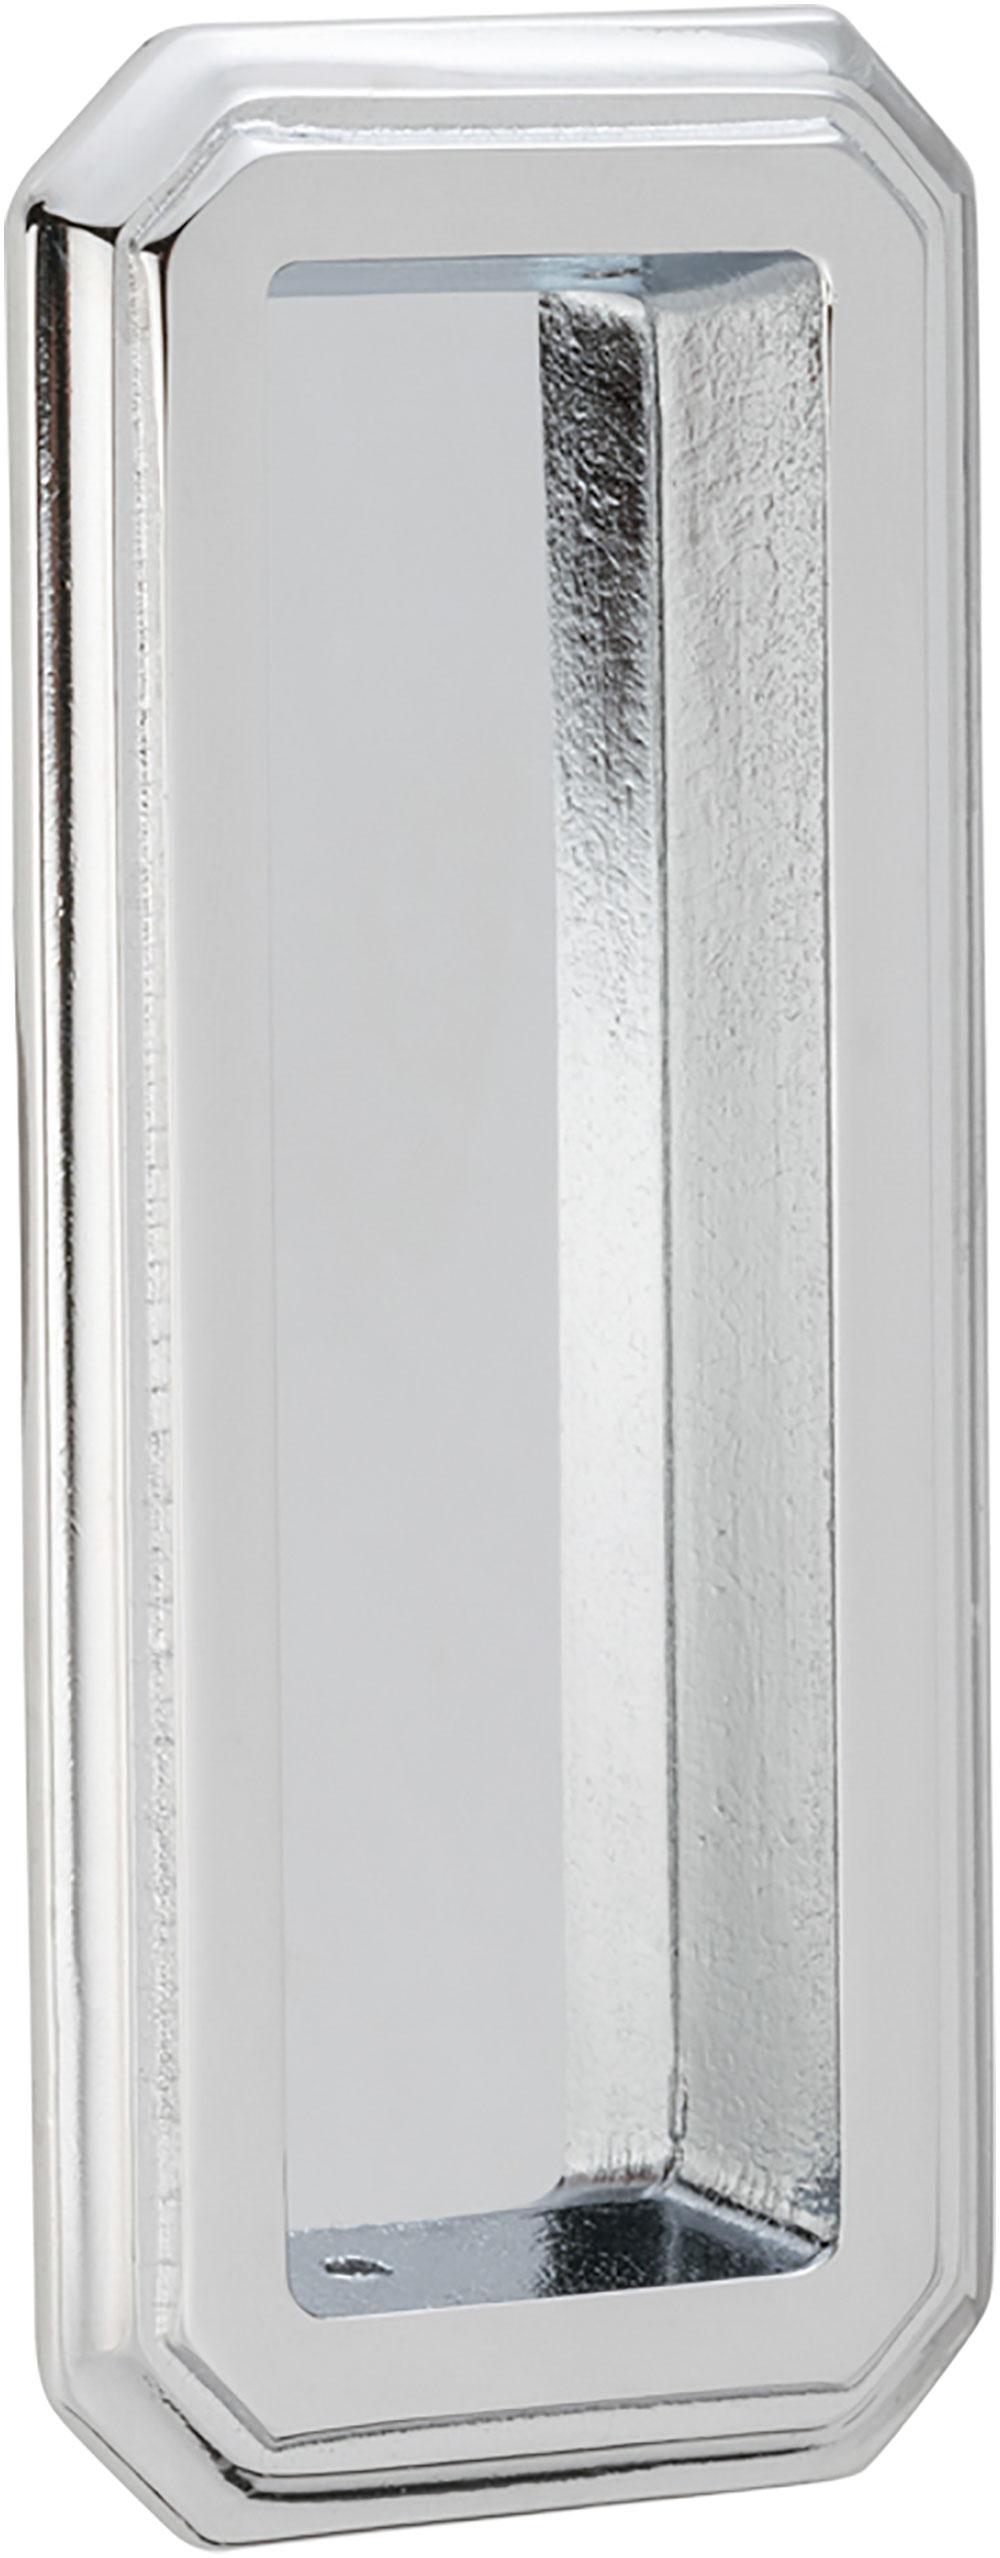 Item No.654 (US26 Polished Chrome Plated)